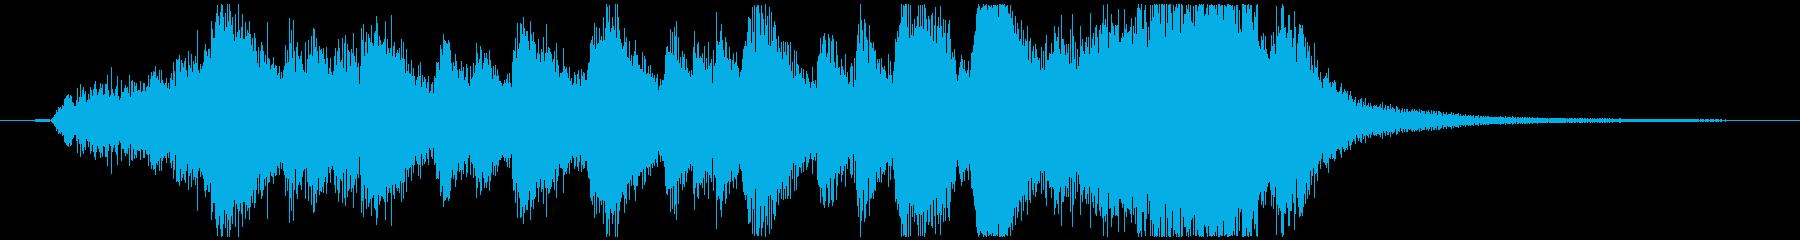 Fantastic Fanfareの再生済みの波形